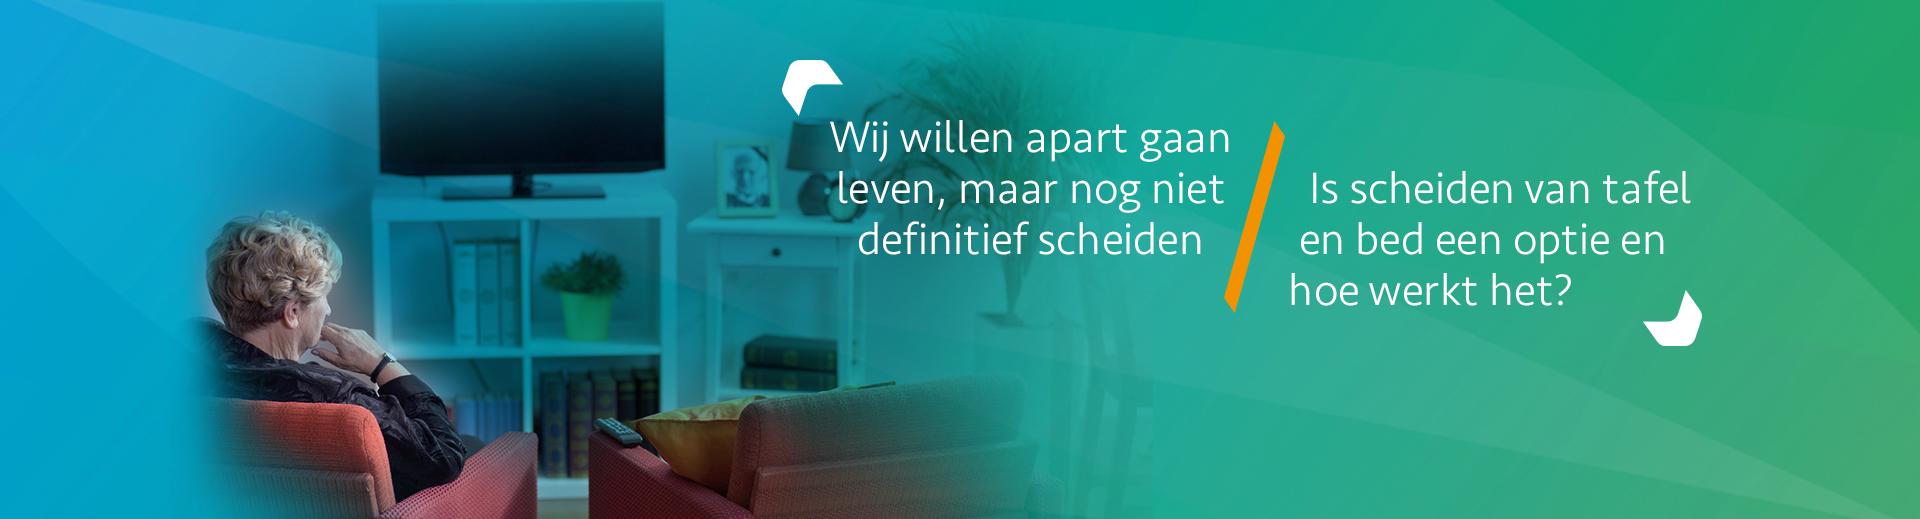 Scheiden van tafel en bed - Scheidingsplanner Almelo - Deventer - Nijverdal